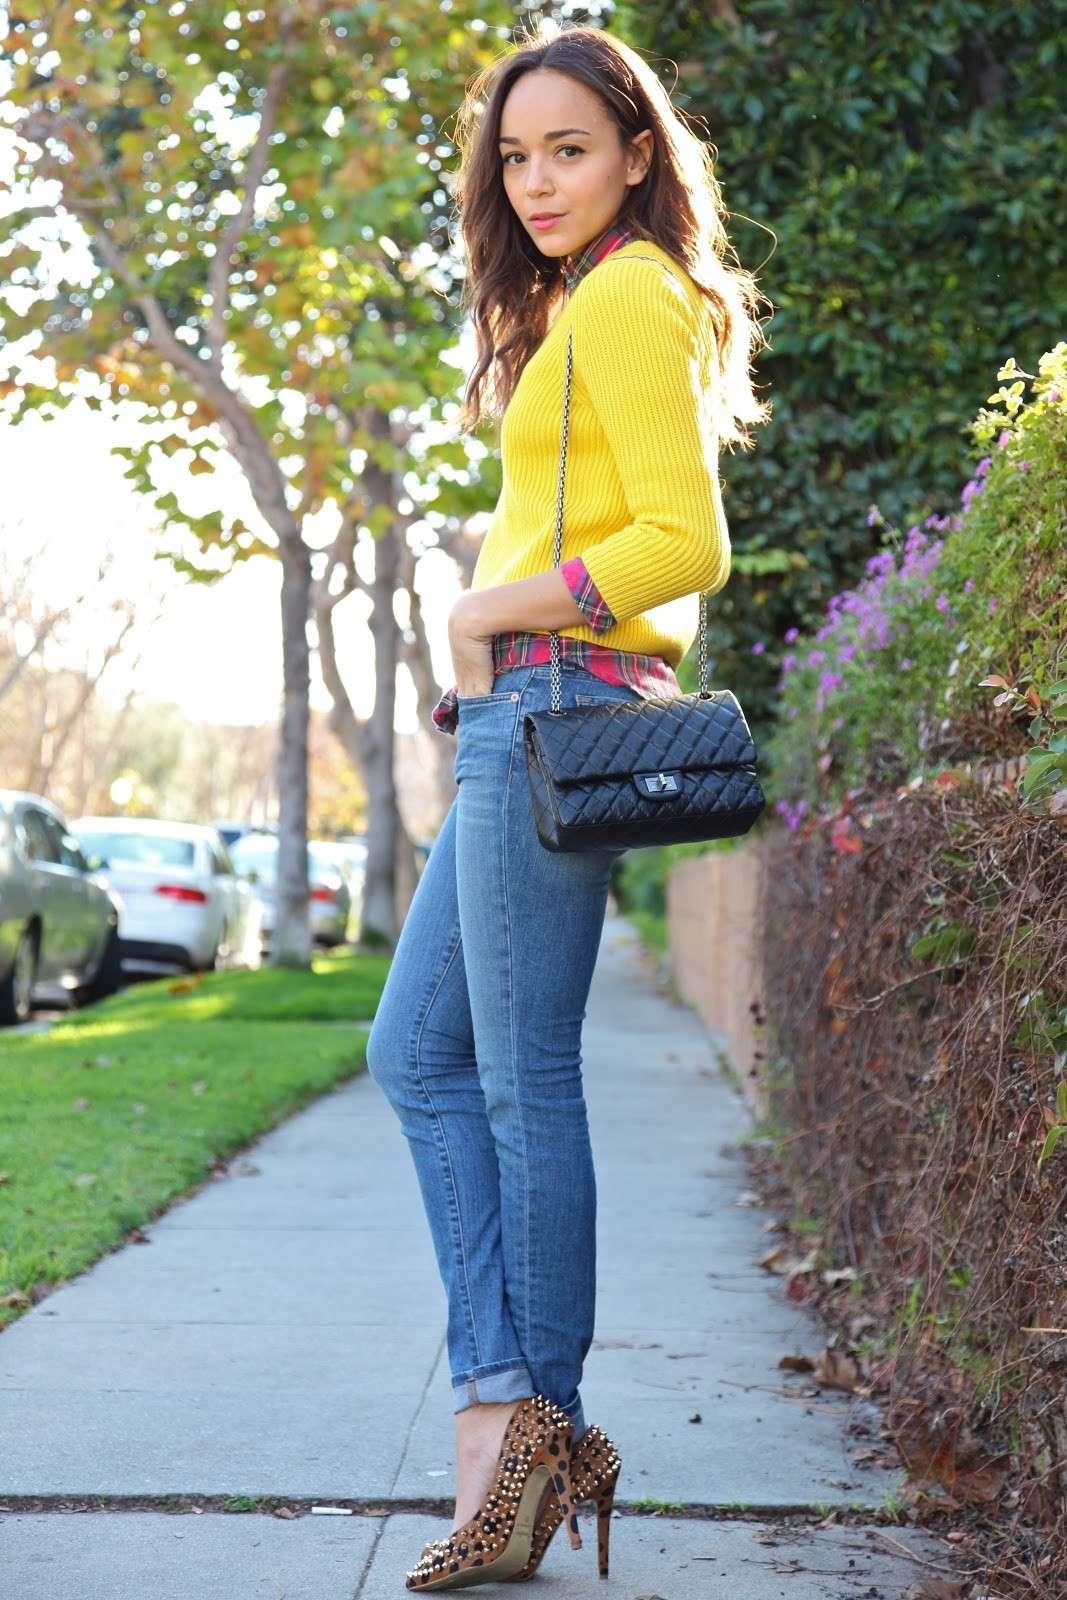 Pumps animalier borchiate e jeans